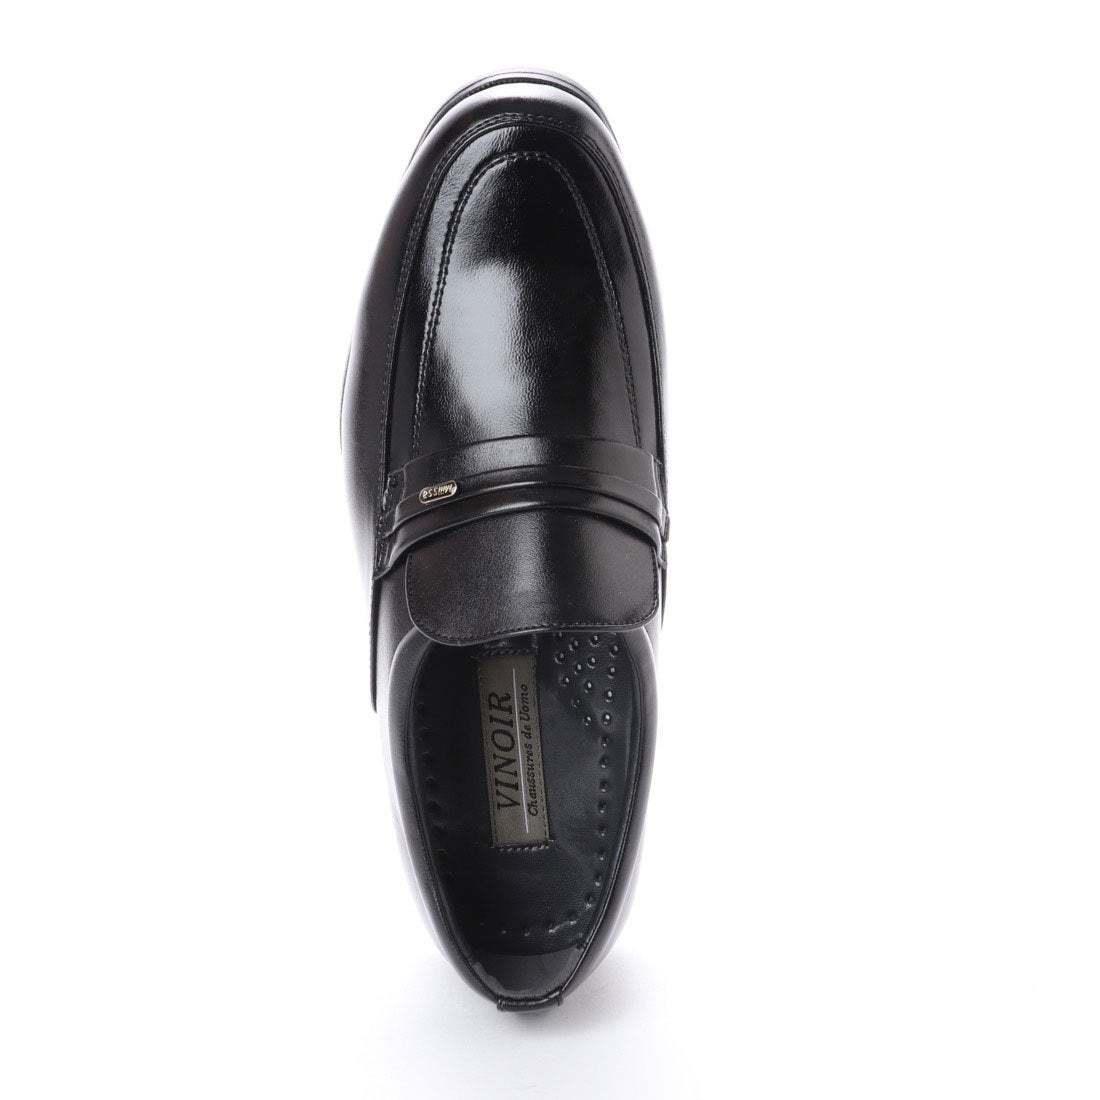 【安い】 超軽量 紳士靴 メンズ ビジネスシューズ スリッポン ウォーキングシューズ 幅広 4E 抗菌 防臭 1013 ブラック 黒 26.5cm